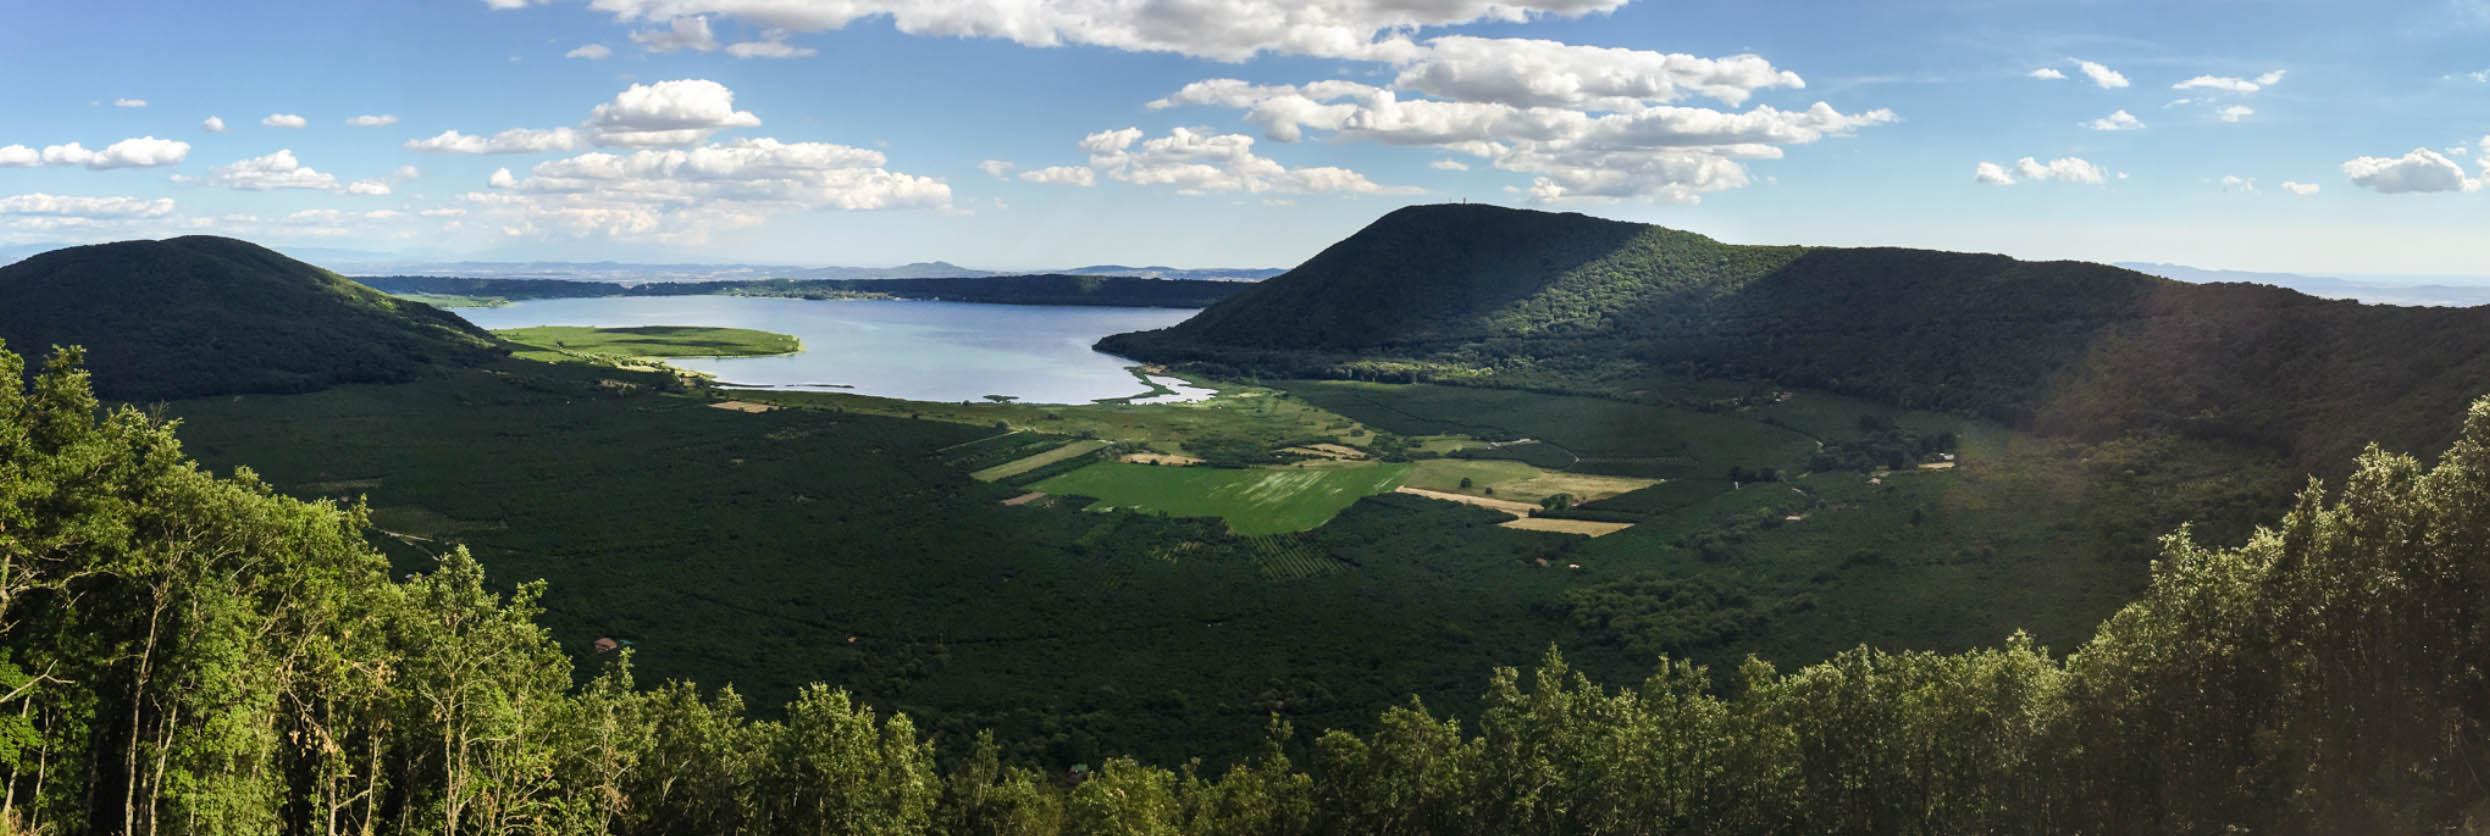 Lac de Vico - VT - Visite privée du Latium